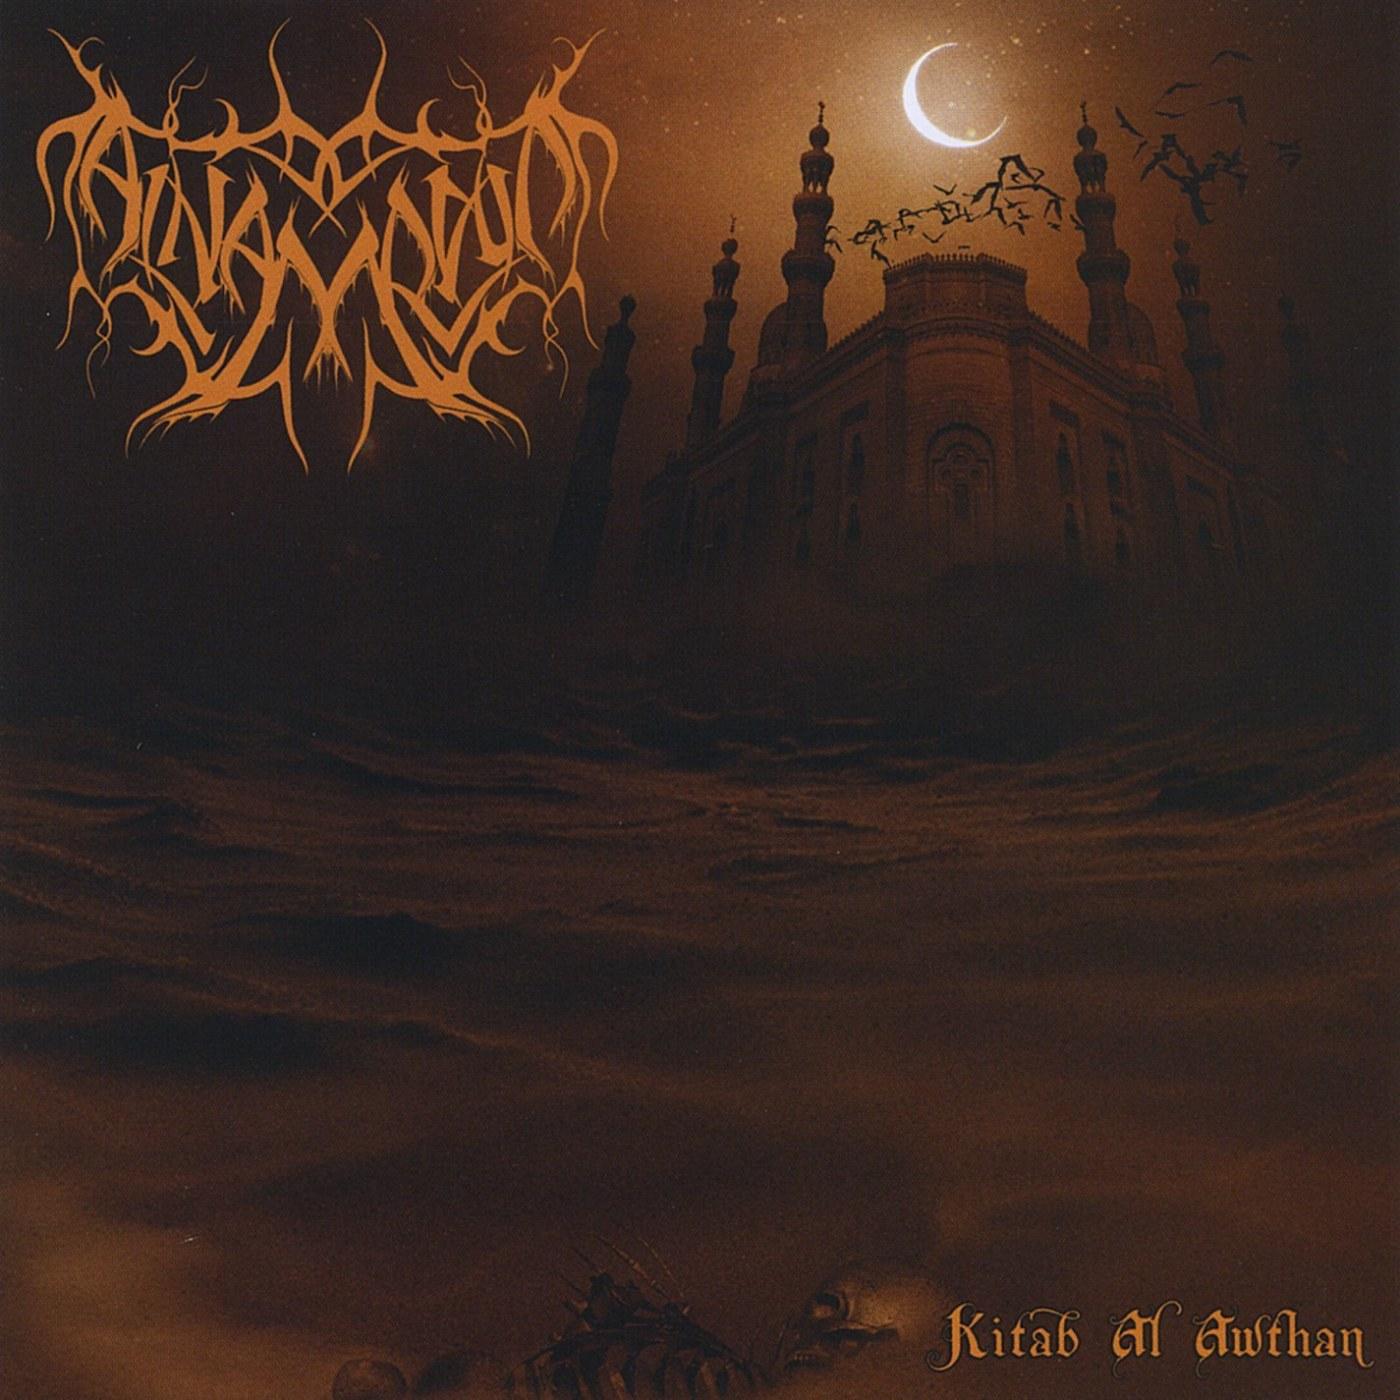 Review for Al-Namrood - Kitab Al-Awthan